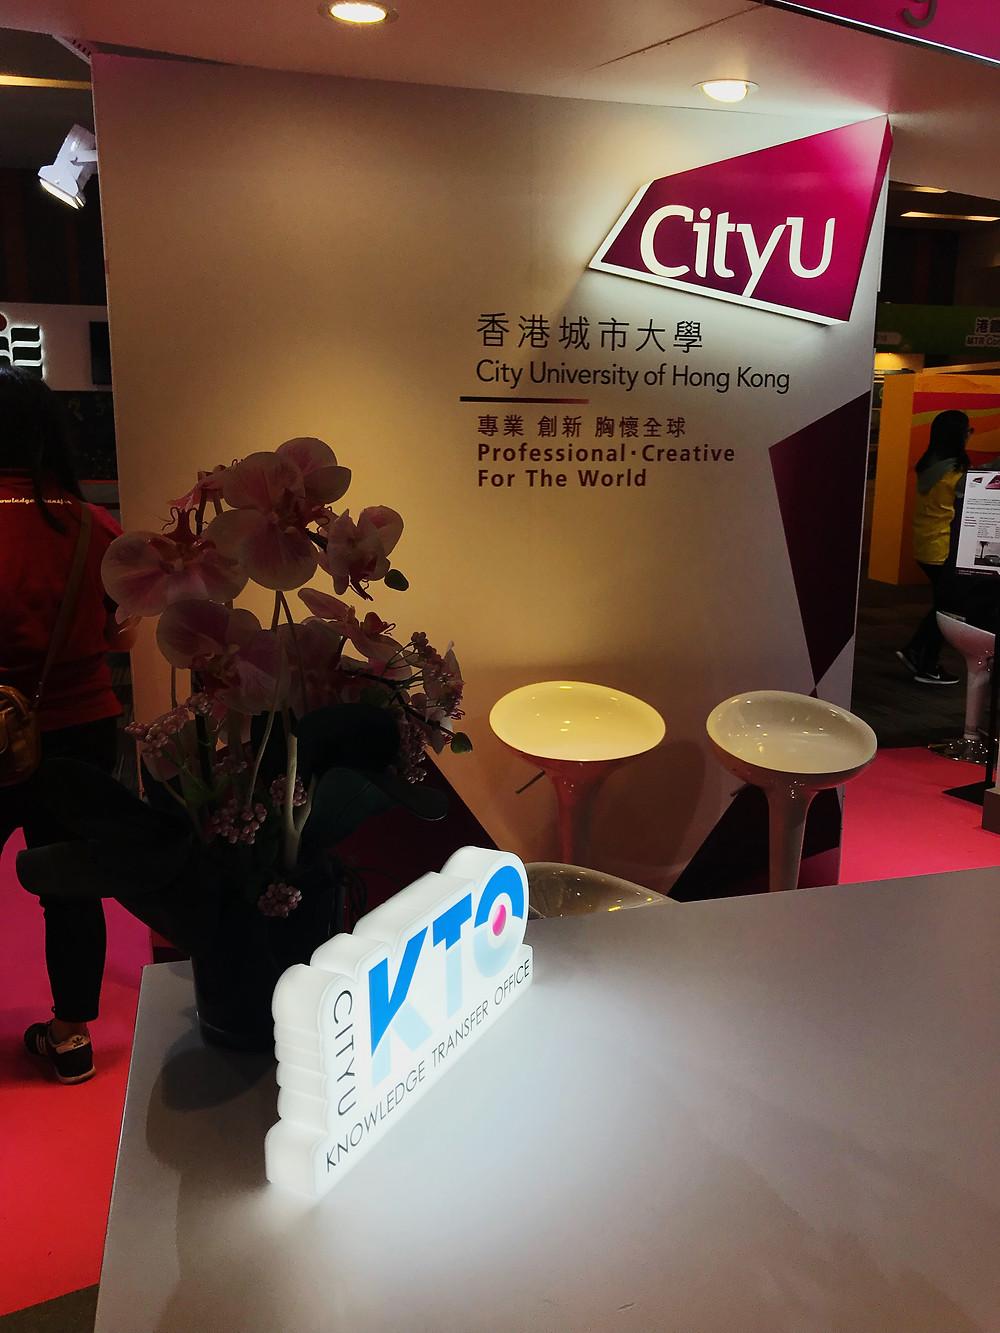 CityU KTO USB 流動迷你燈箱